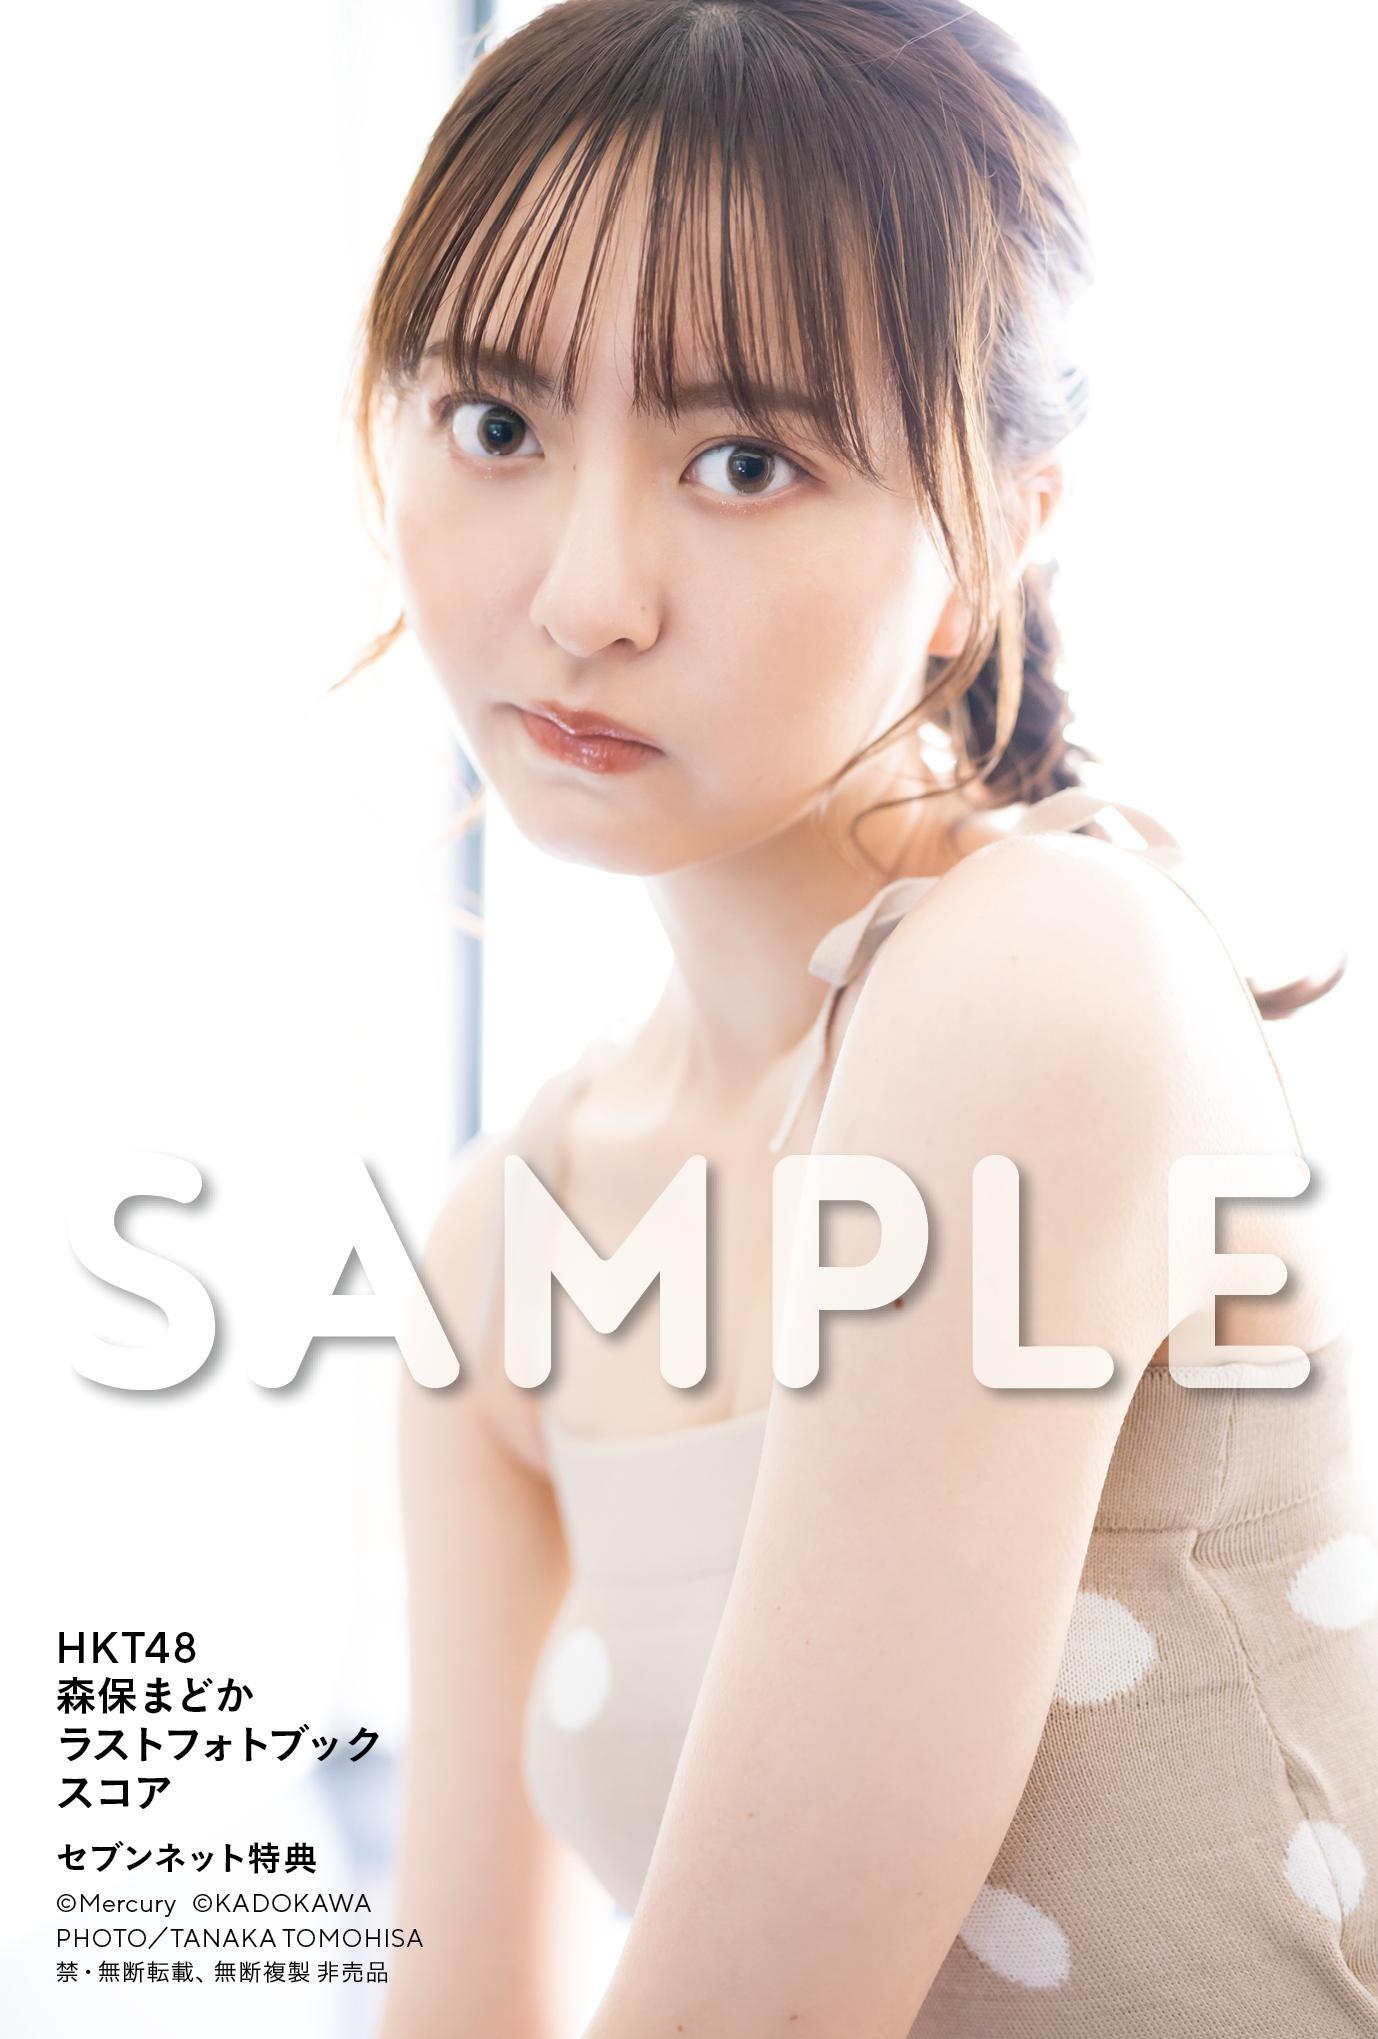 【セブンネット限定特典:ブロマイド1枚付き】『HKT48森保まどかラストフォトブック スコア』 (C)KADOKAWA  (C)Mercury   PHOTO/TANAKA TOMOHISA